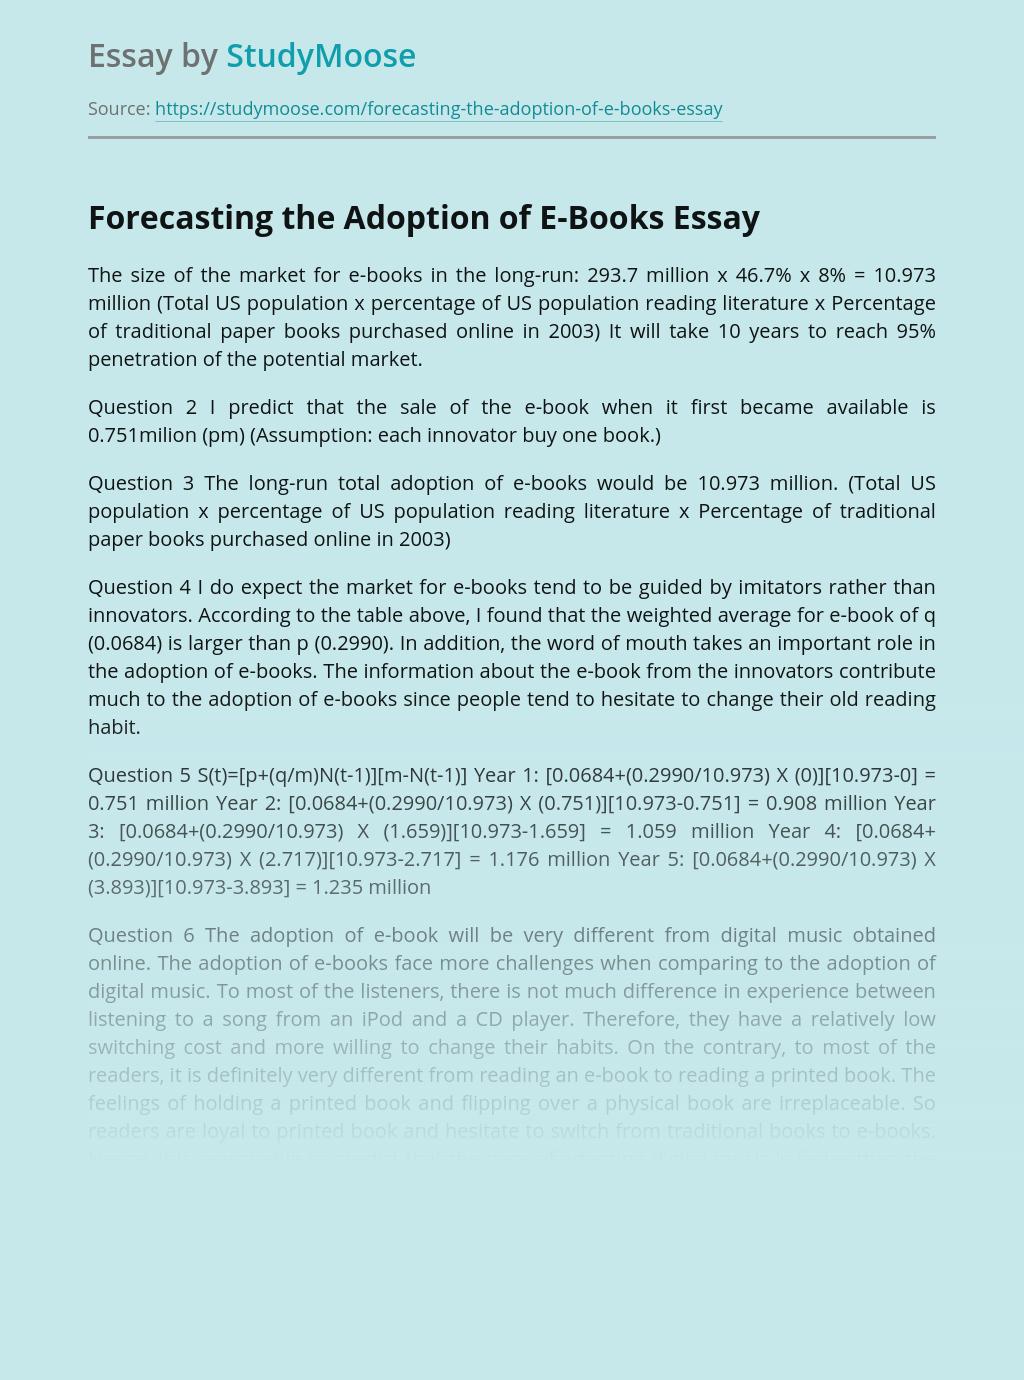 Forecasting the Adoption of E-Books